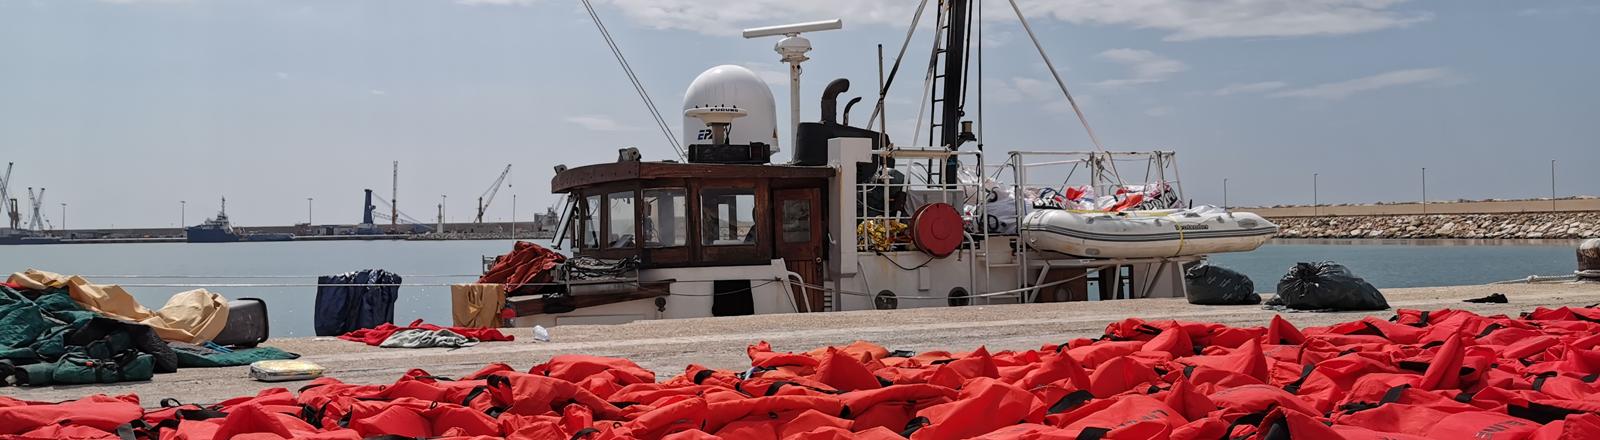 """02.09.2019: Das beschlagnahmte Rettungsschiff """"Eleonore"""" der deutschen Hilfsorganisation Mission Lifeline, liegt im Hafen, im Vordergrund liegt ein Teil der 104 Rettungswesten der geretteten Migranten"""